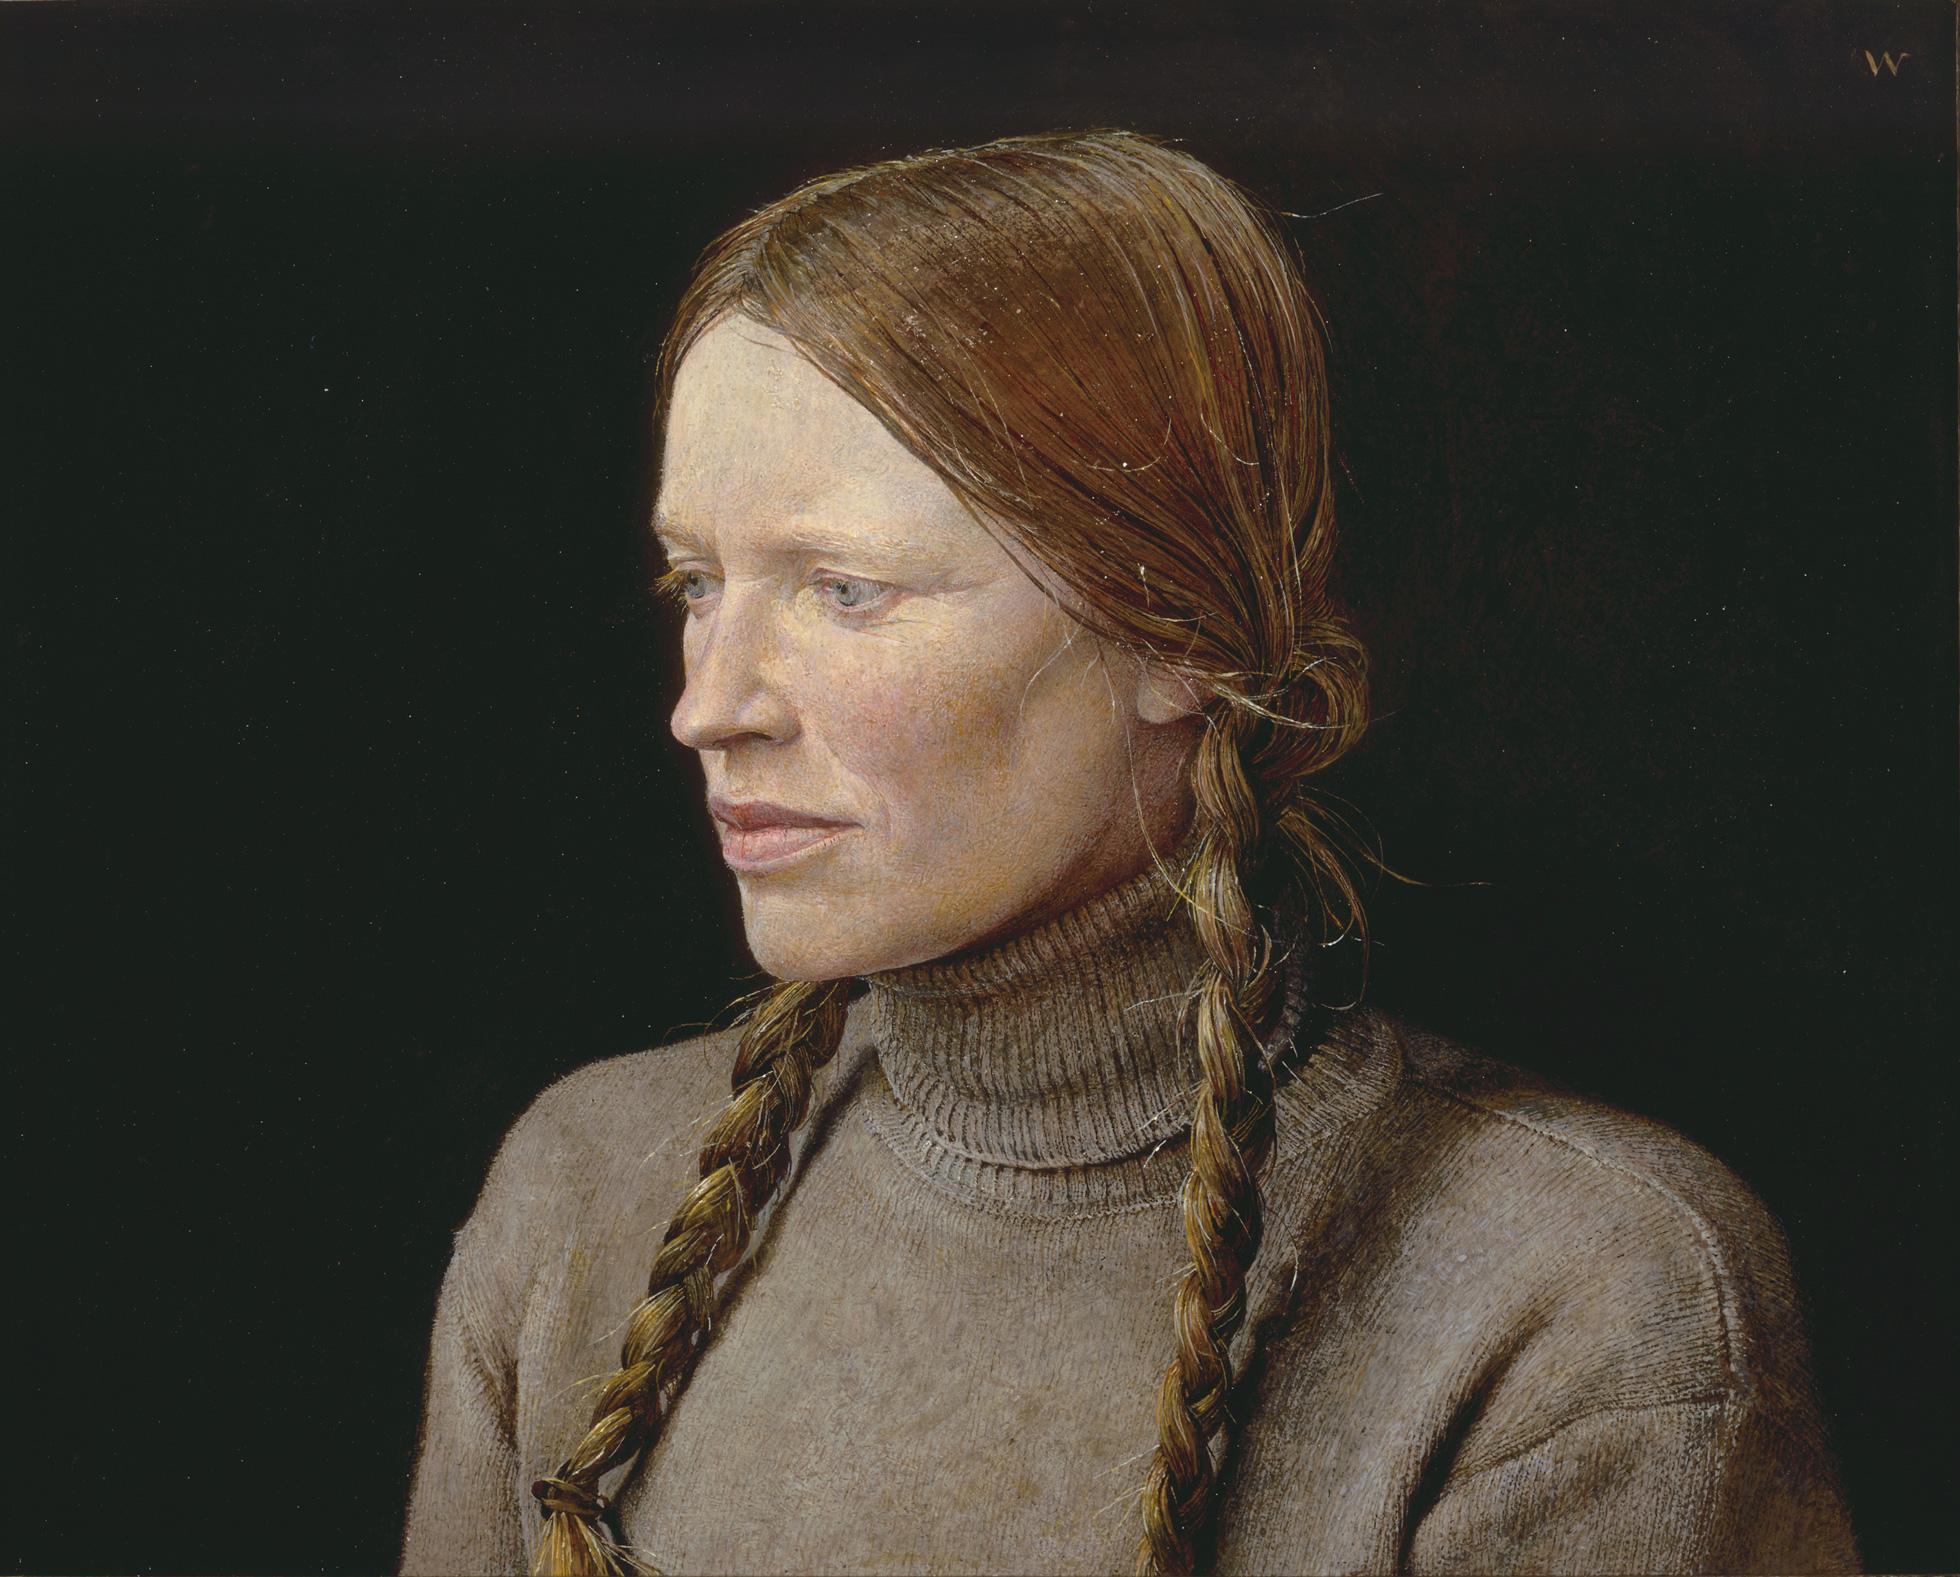 Braids, 1977